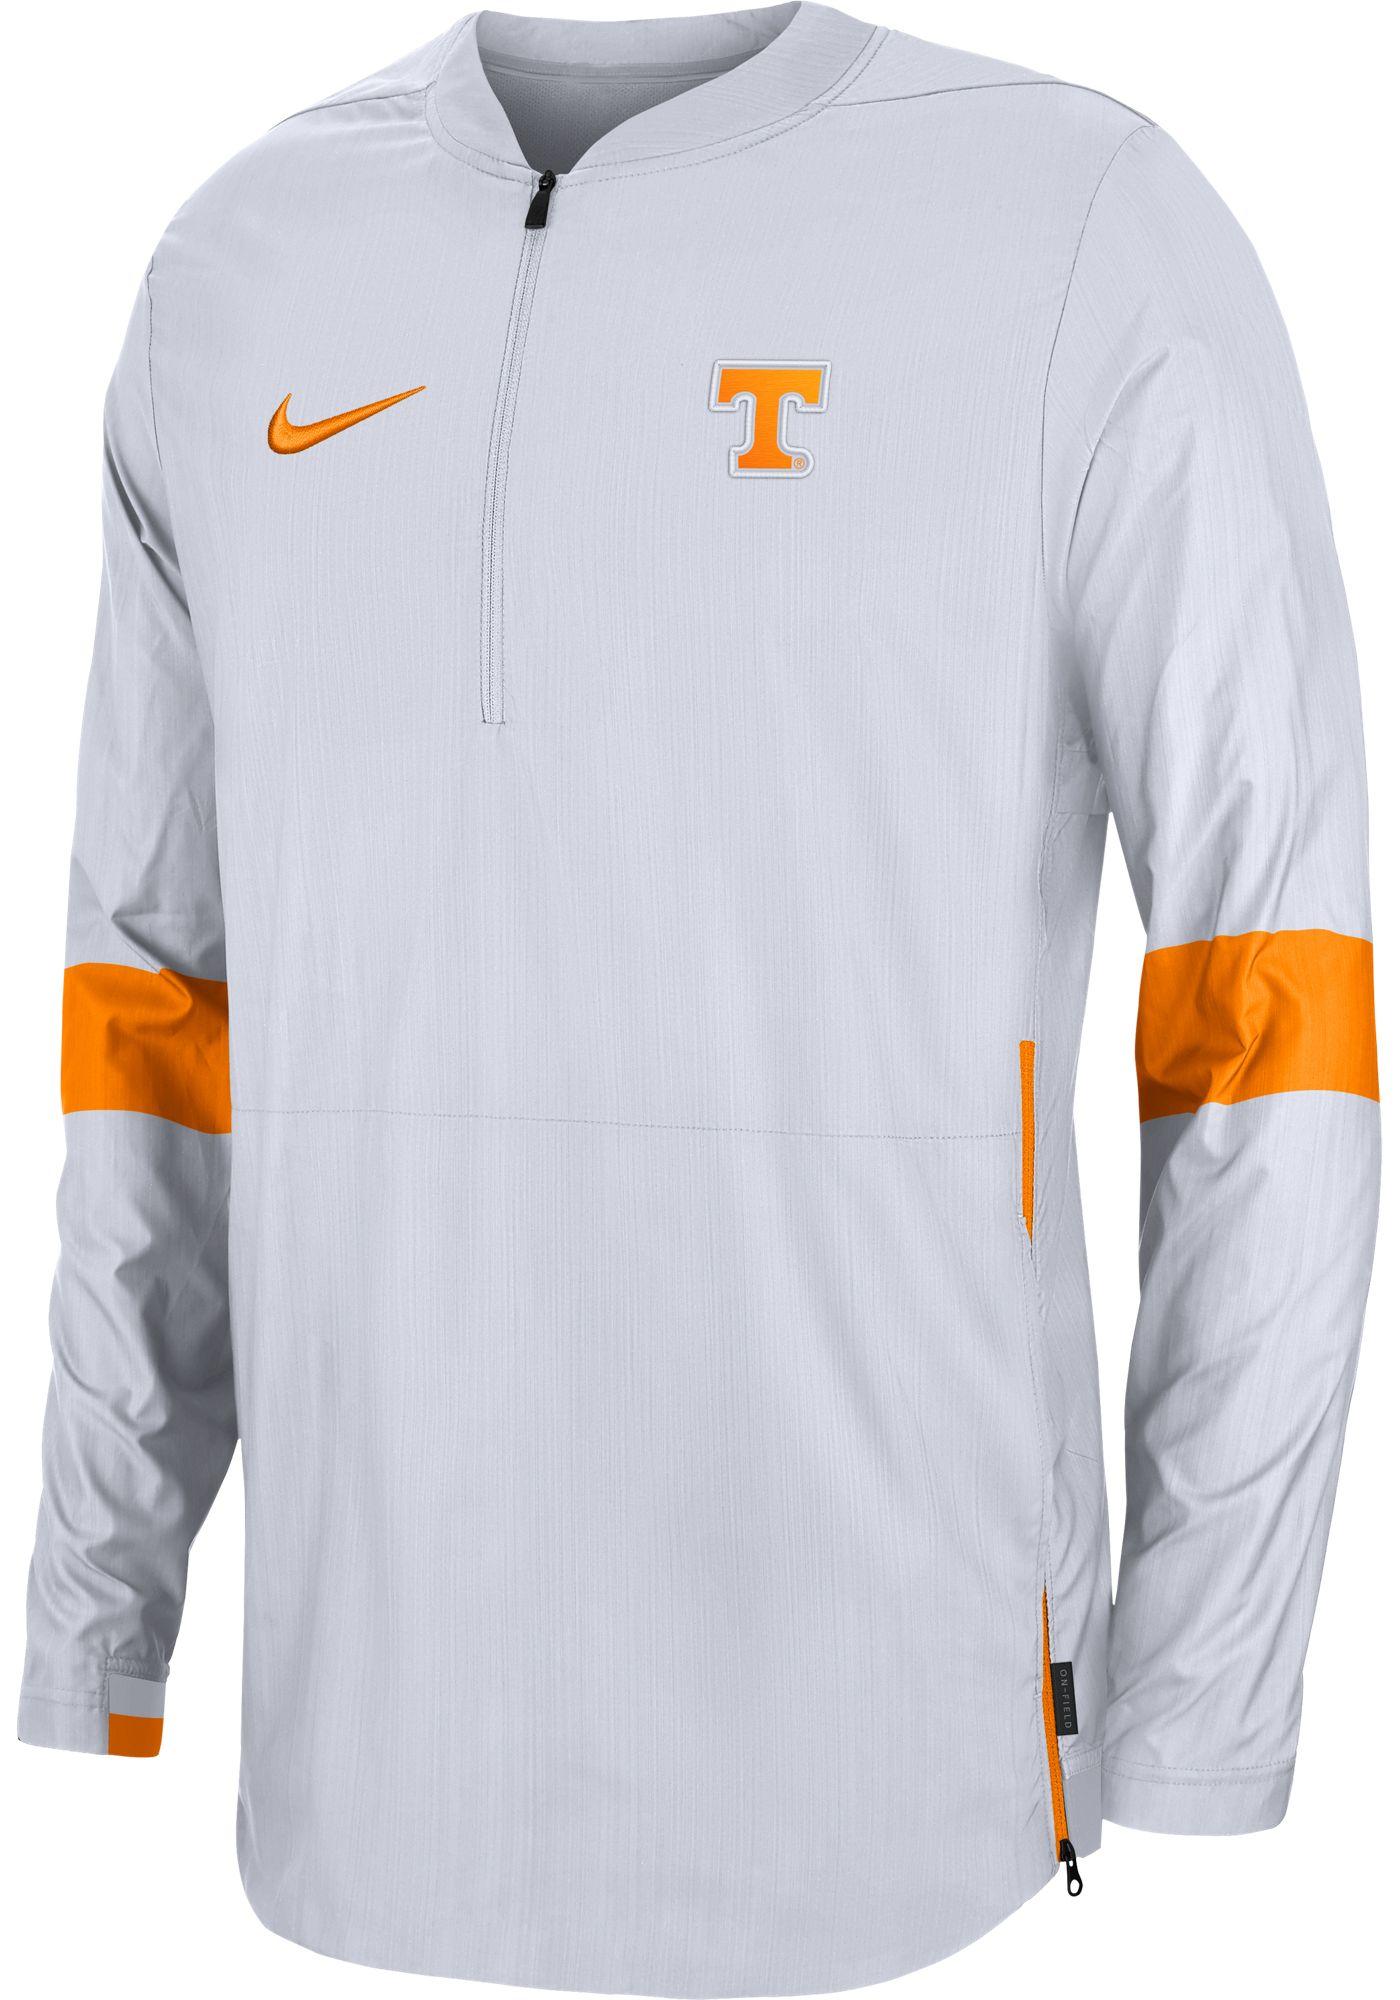 Nike Men's Tennessee Volunteers Lockdown Half-Zip Football White Jacket